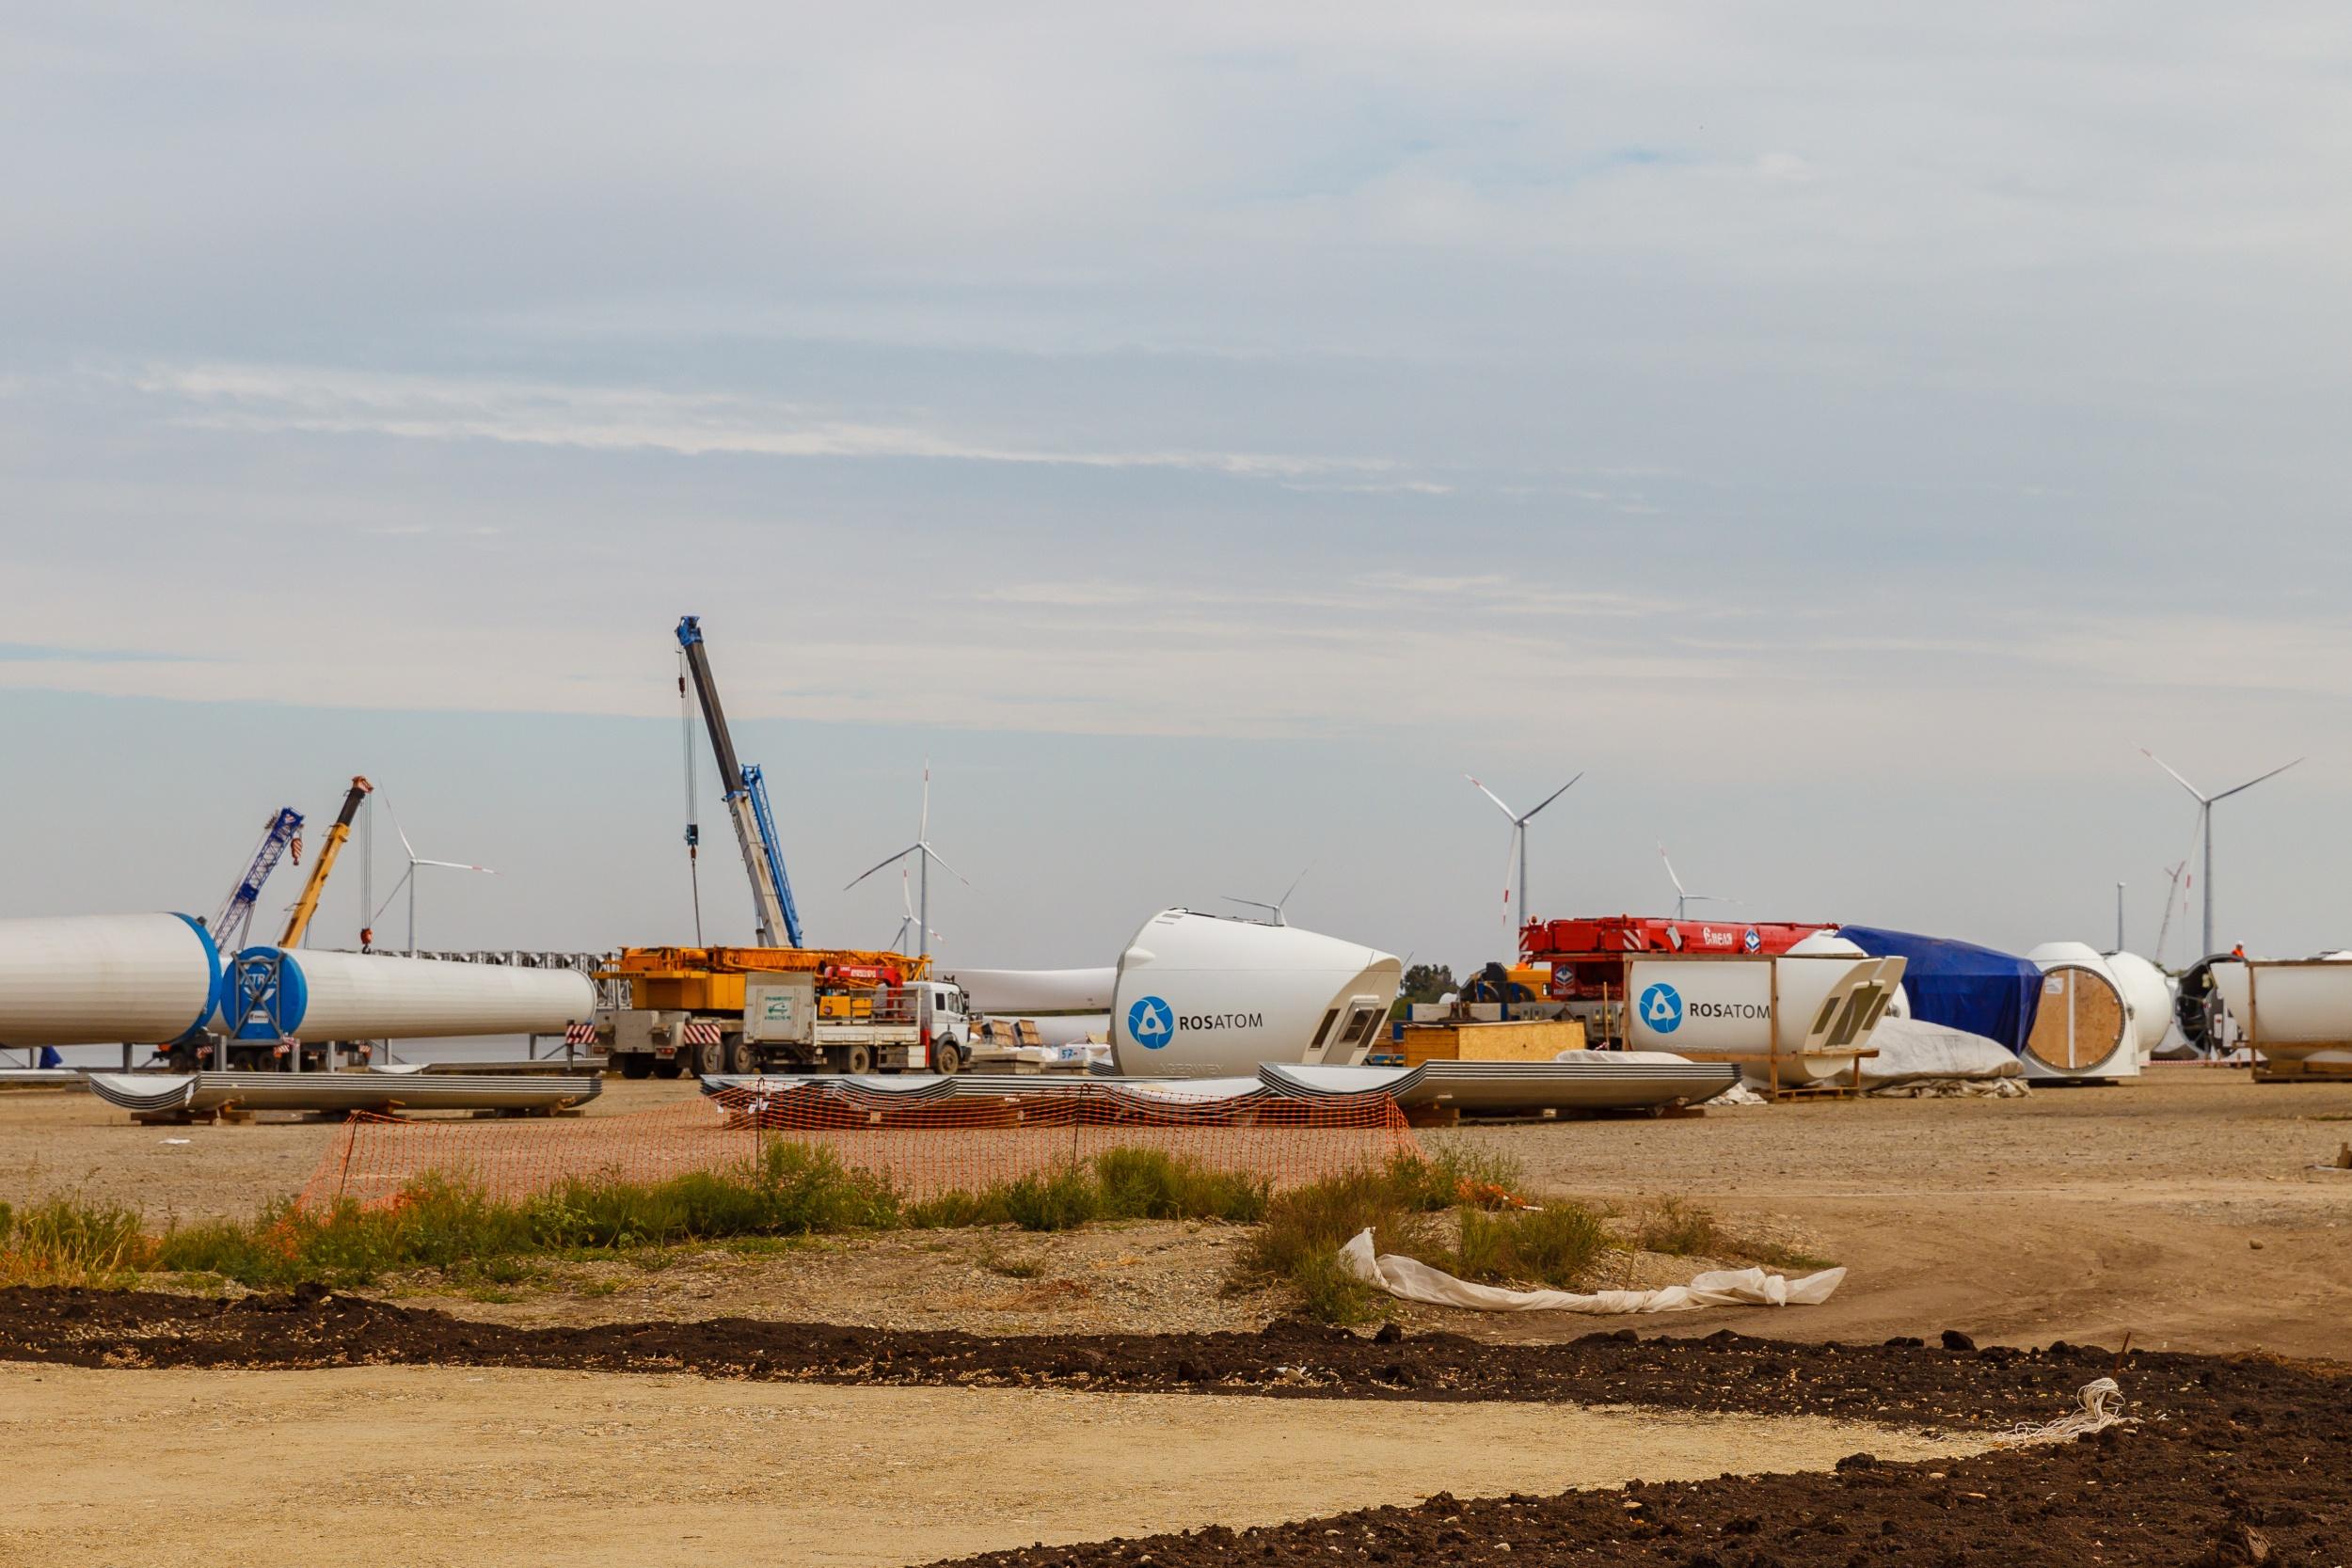 jaderná energie - Rosatom začal stavět další větrnou elektrárnu, Karmalinovská elektrárna bude mít výkon 60 MW - Zprávy (Stavba Adygejské větrné elektrárny společností NovaWind 2500 1) 2